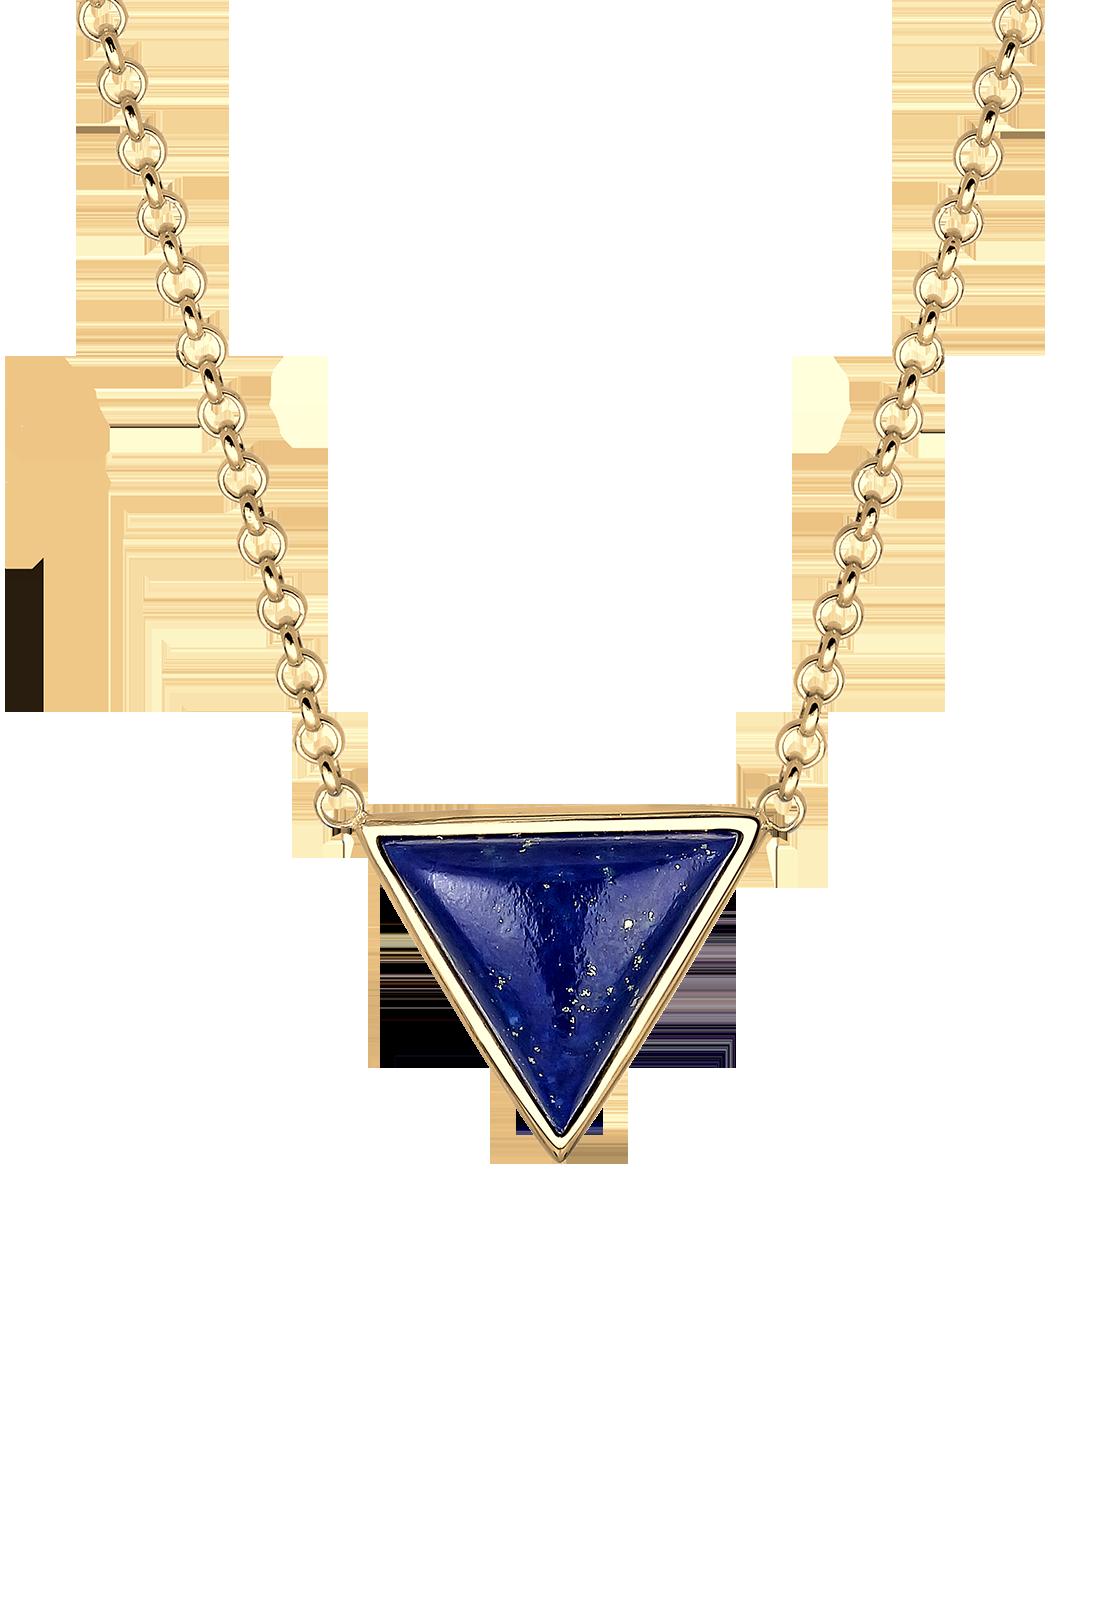 Der Lapis ist ein stark undurchsichtiges, blaues Gestein